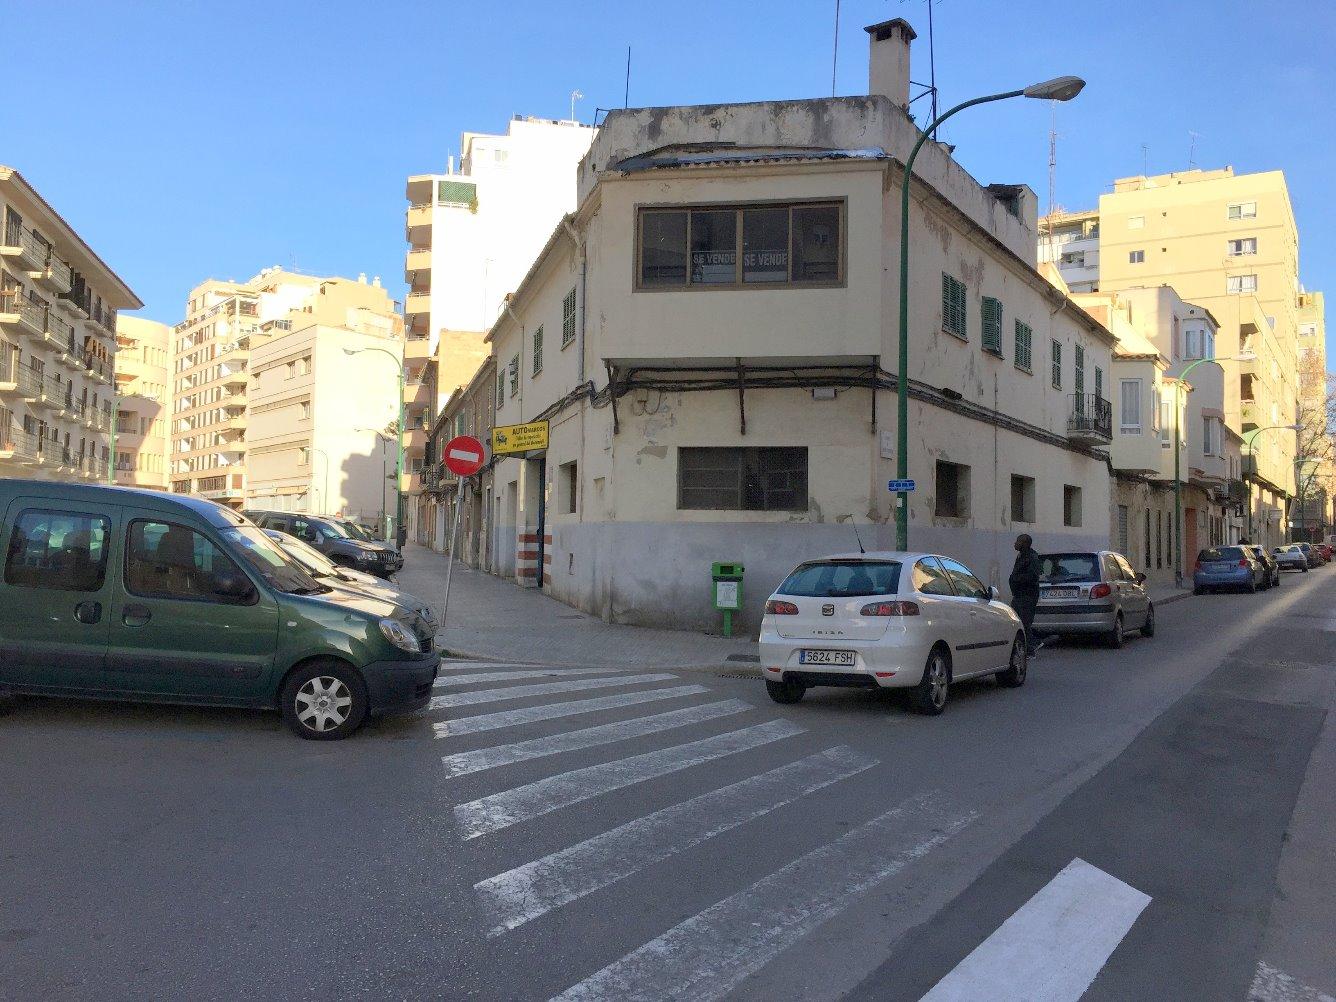 Edificio ubicado una parcela que hace chaflán entre las calles Foners , principal y calle Tomas Forteza. Muy buena orientación, ubicado en zona de edificación residencial plurifamiliar.